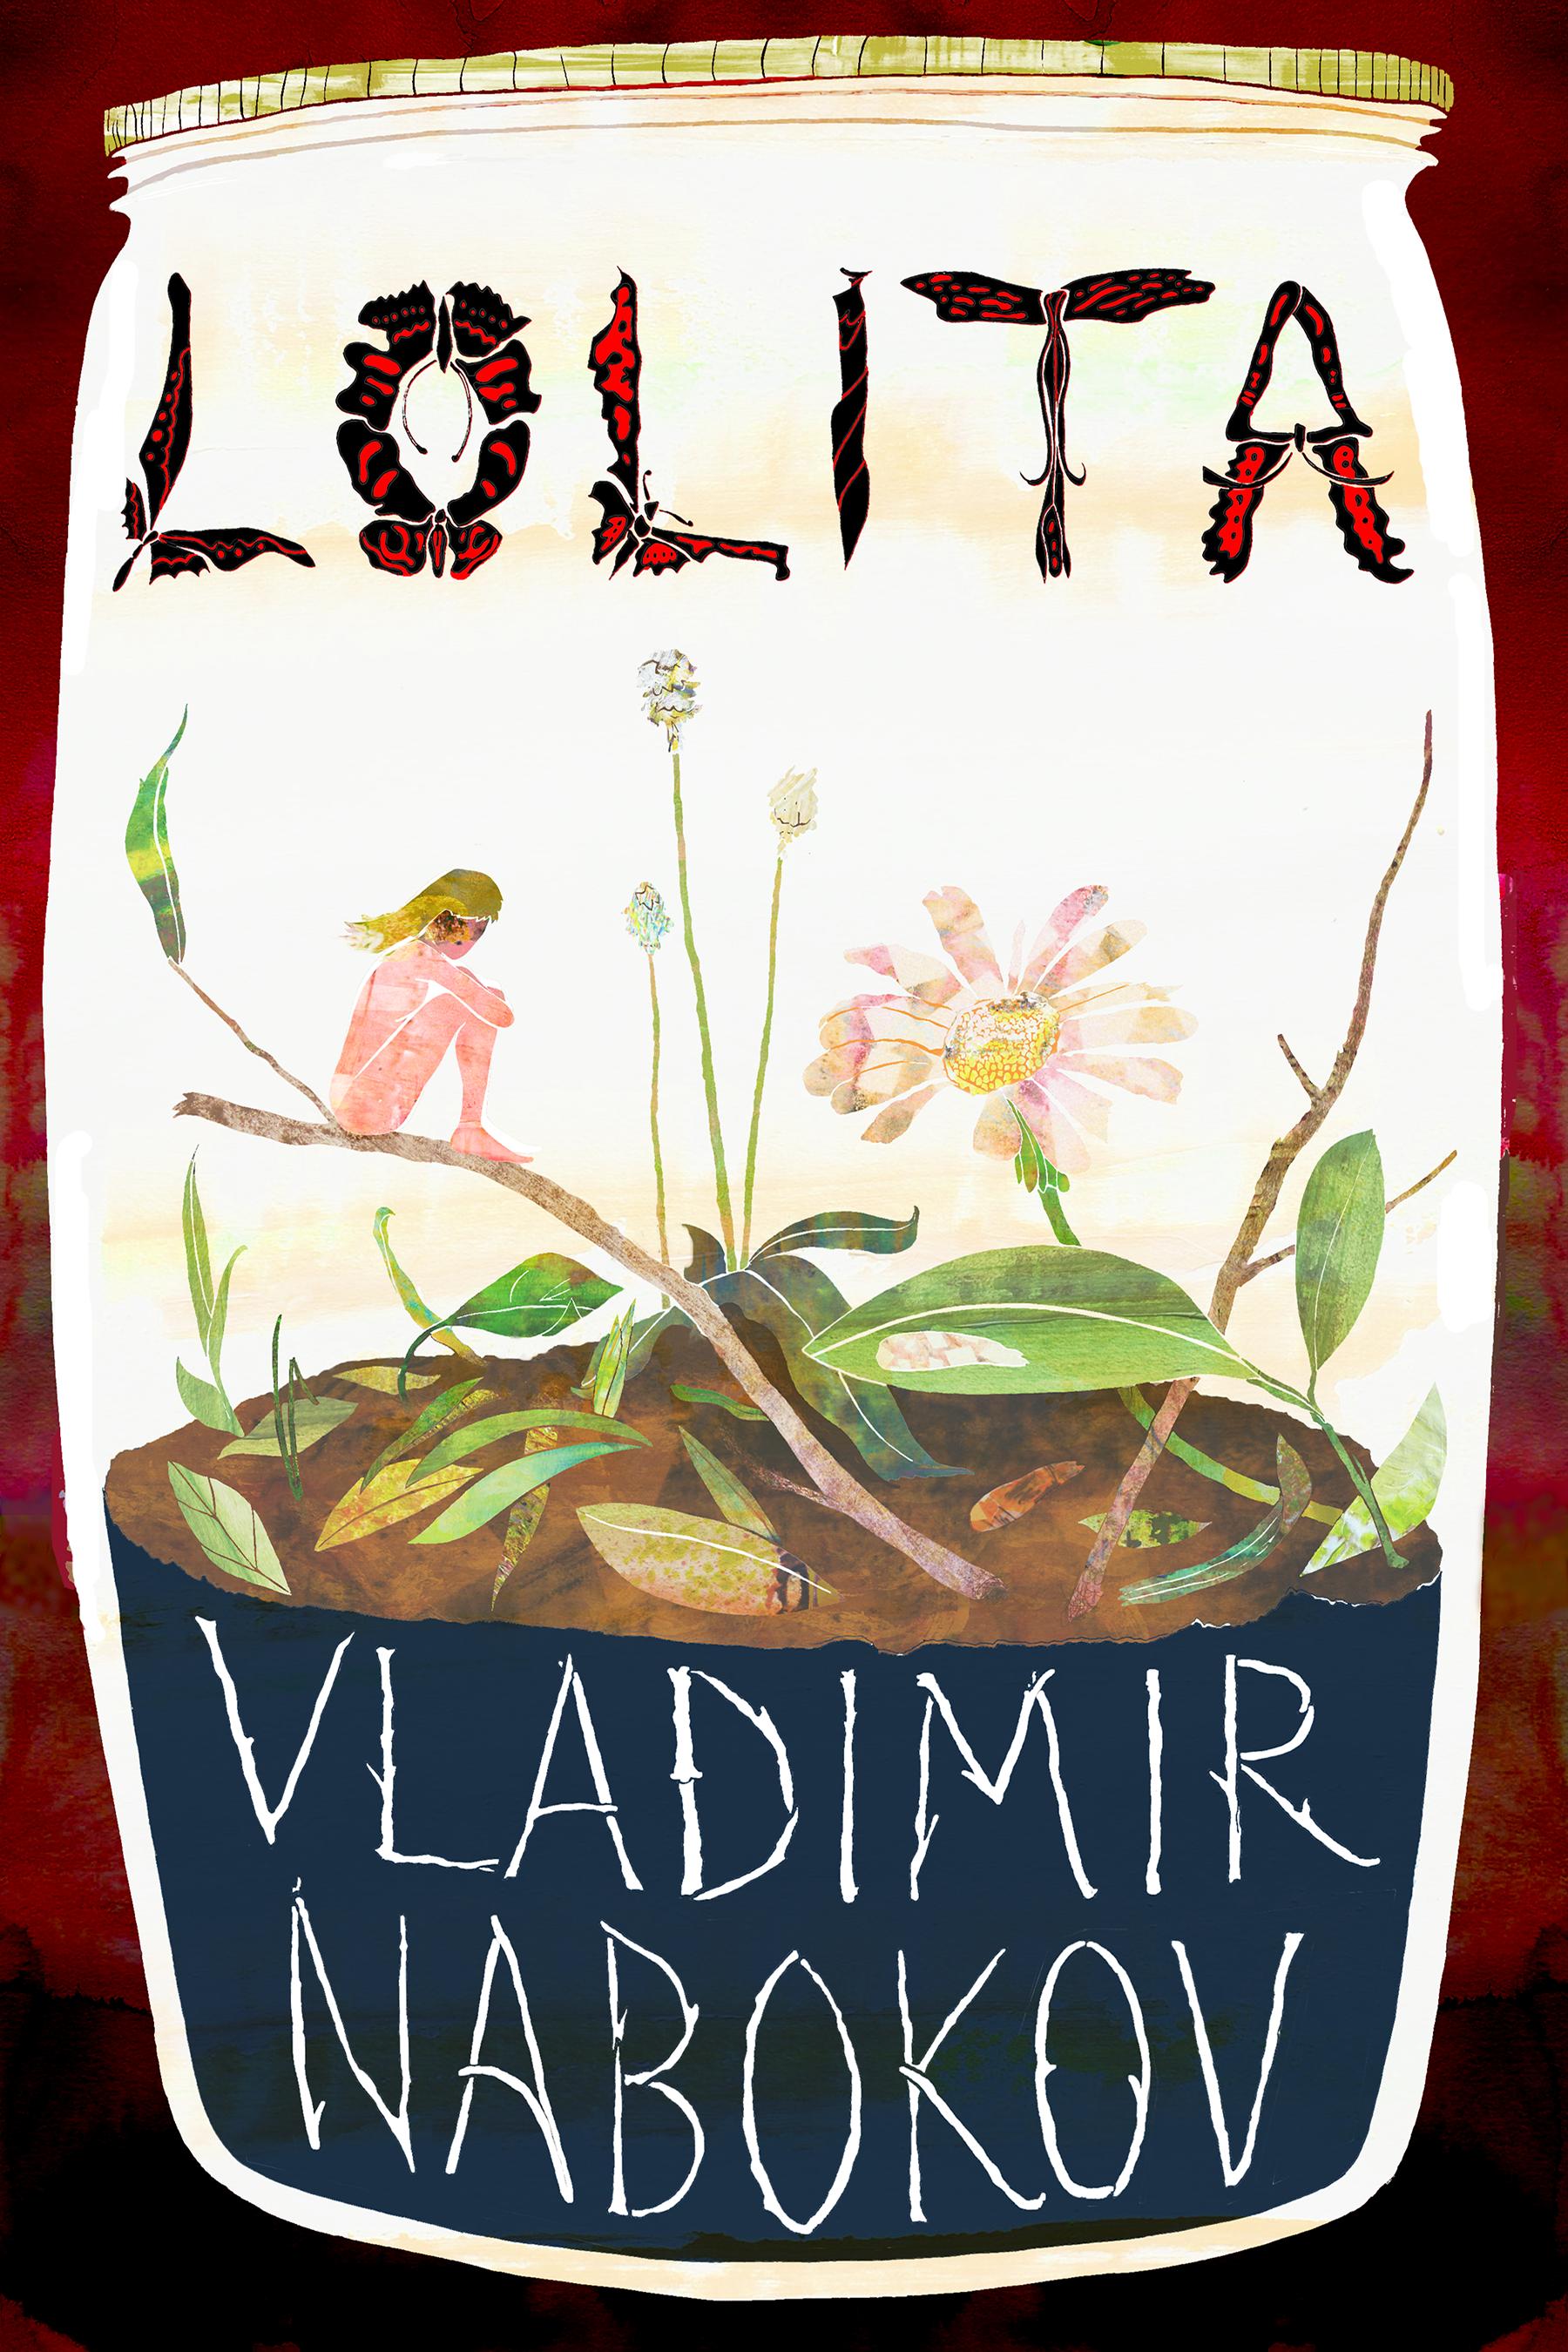 lolita_6x9.png